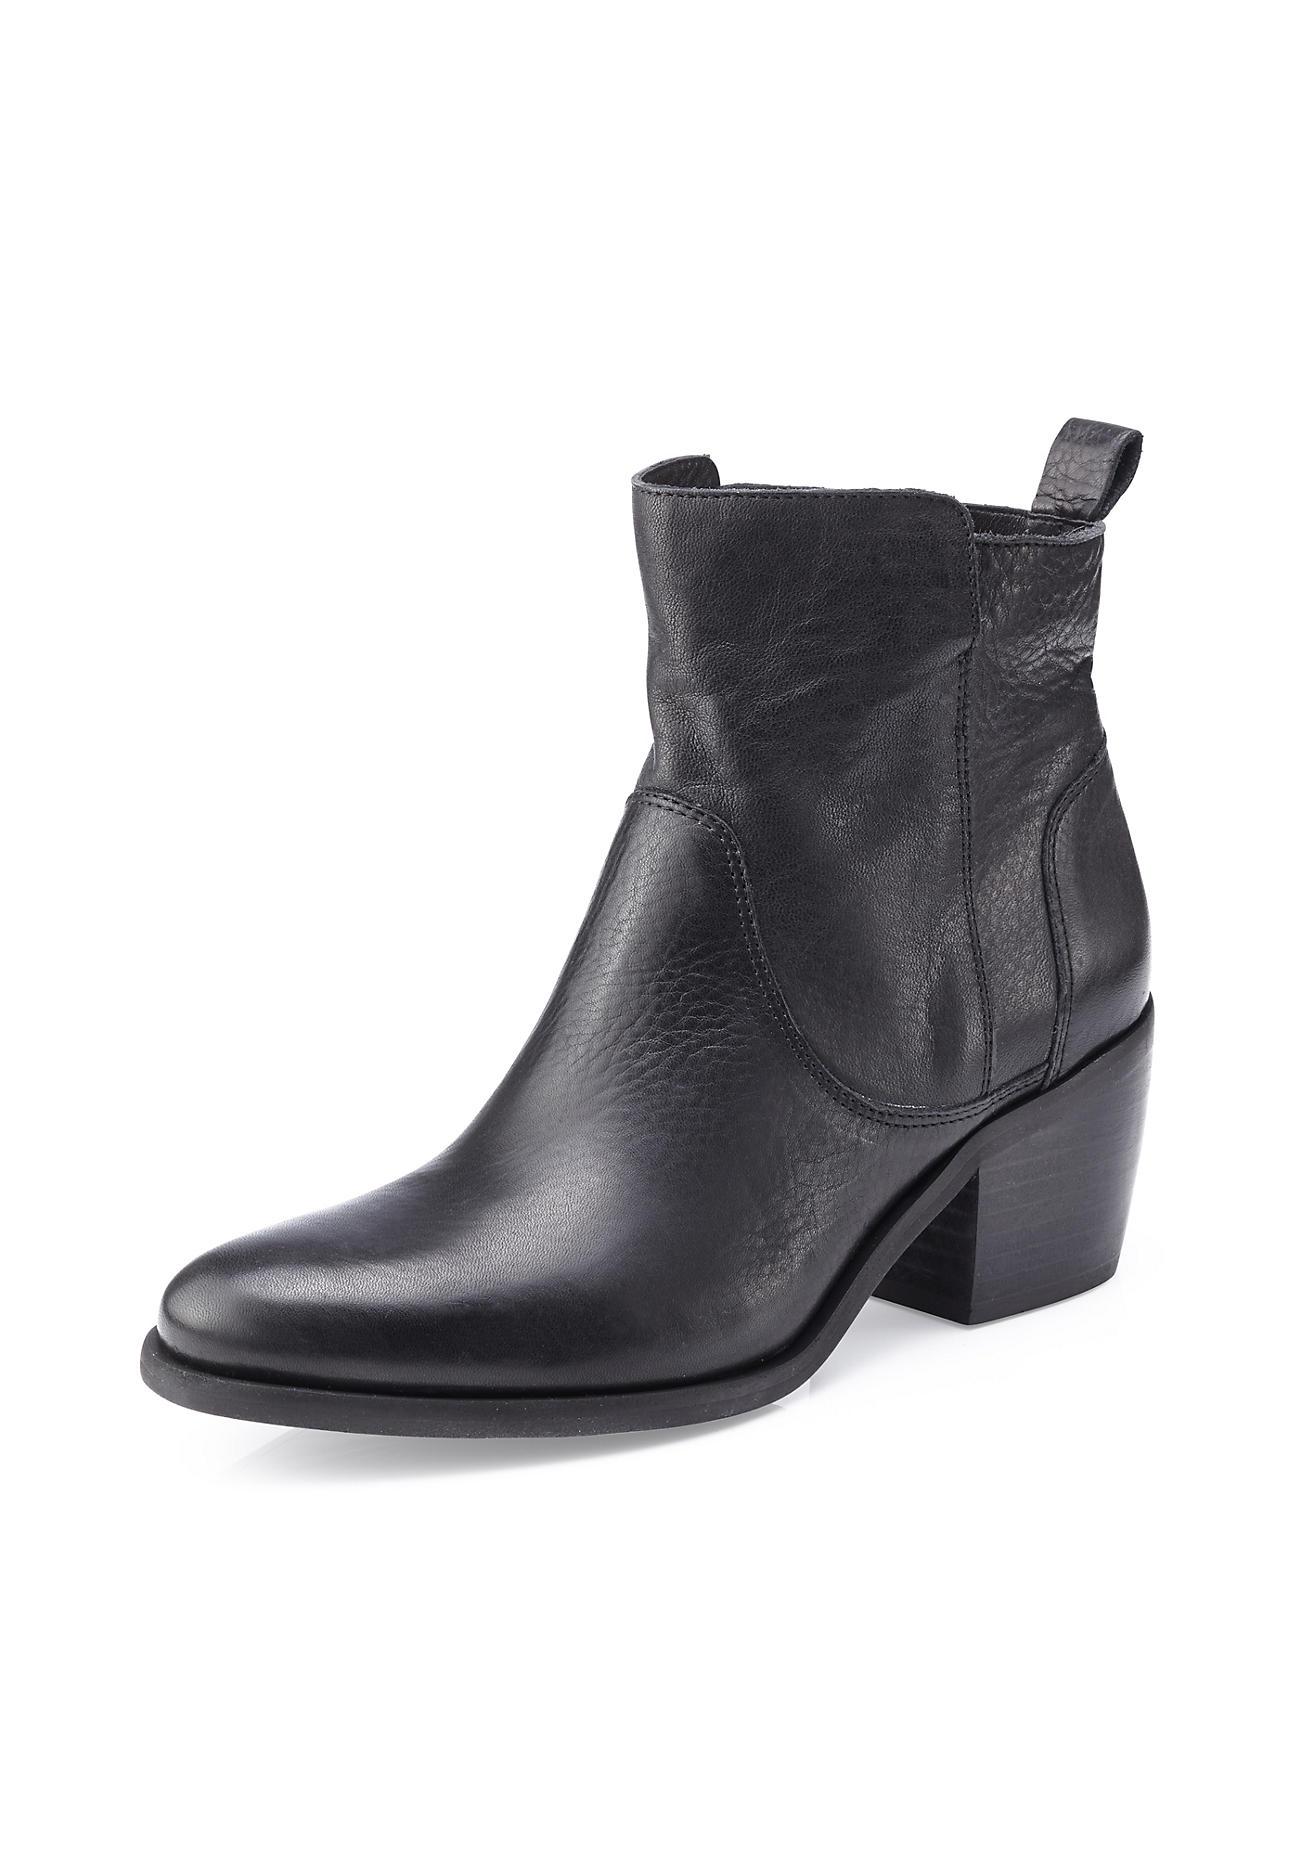 hessnatur Damen Damen Stiefelette aus Leder – schwarz – Größe 36